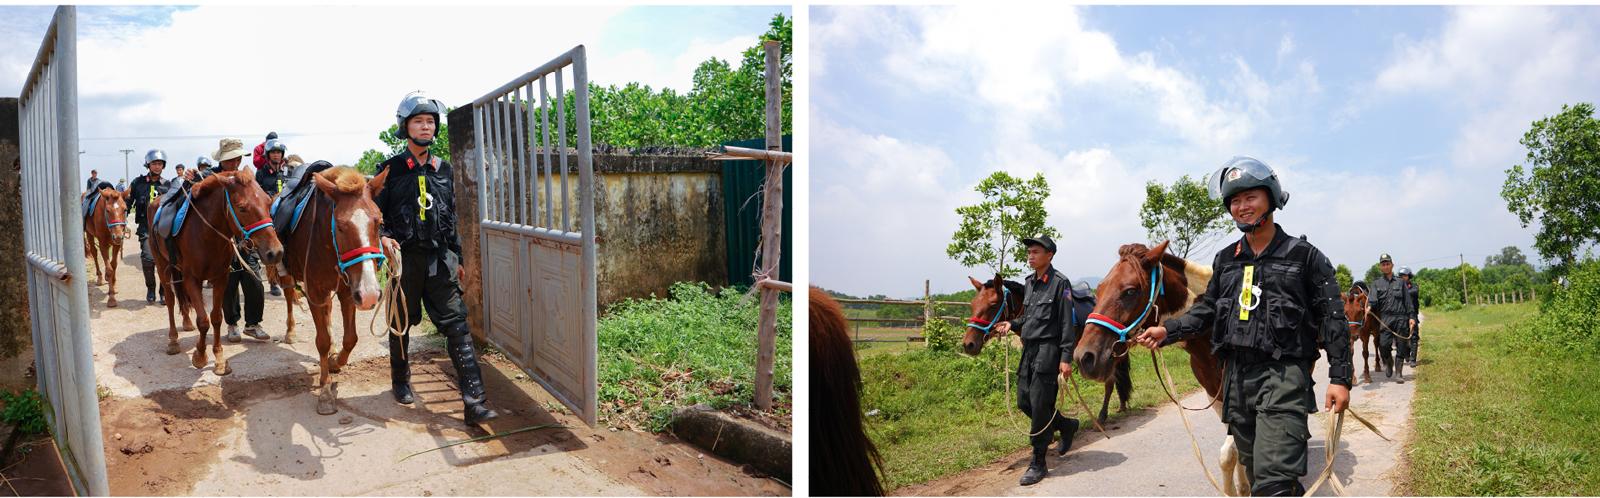 Cảnh sát cơ động Kỵ binh huấn luyện ngựa nghiệp vụ ảnh 12